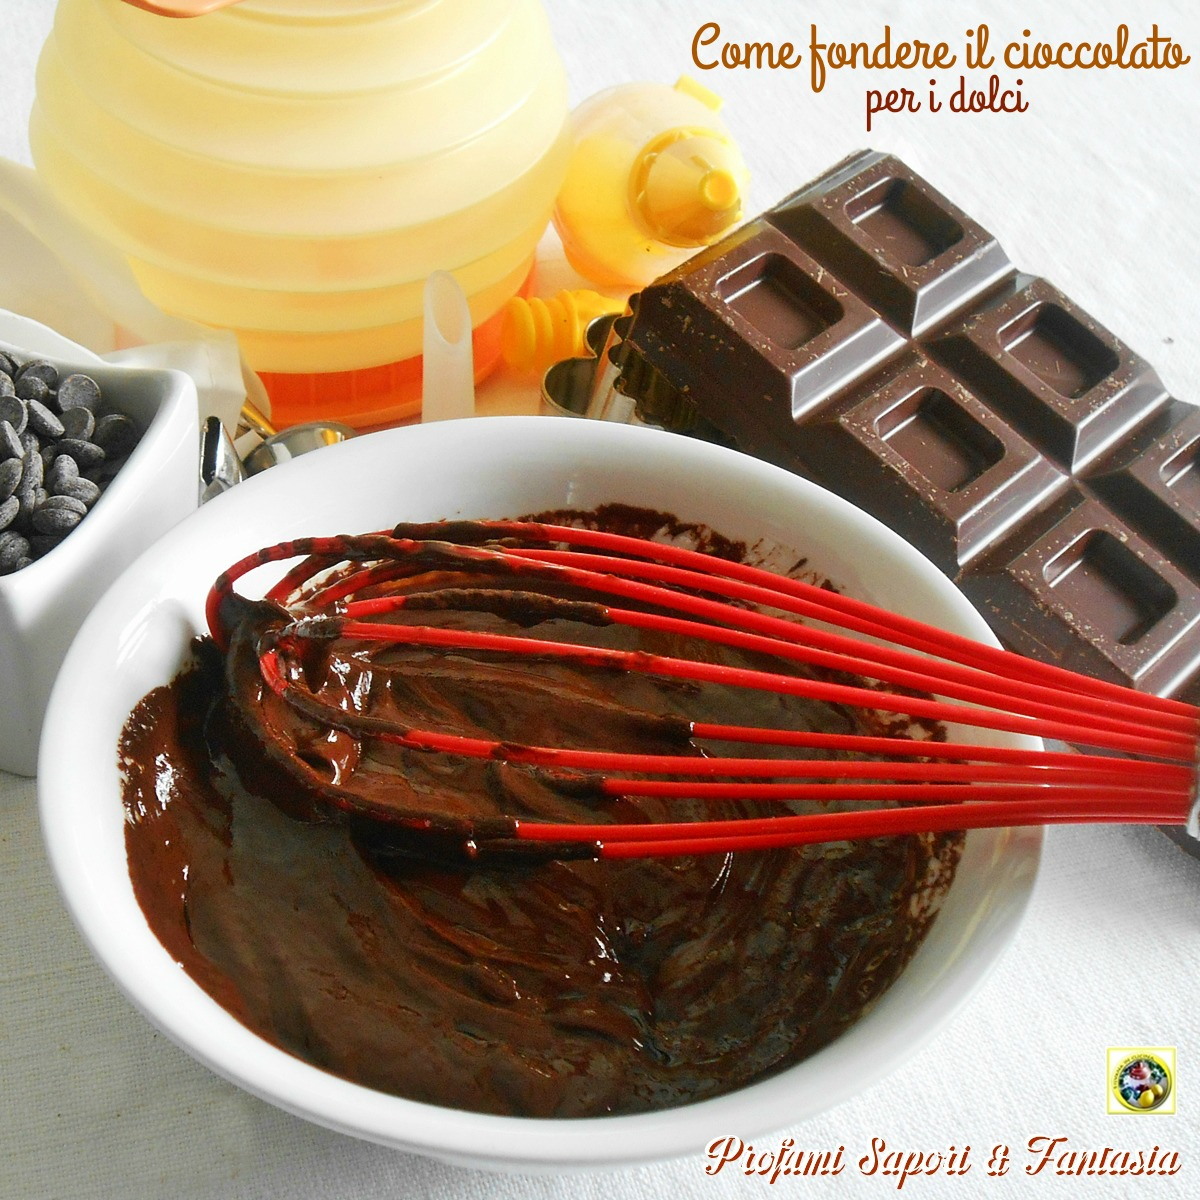 Come fondere il cioccolato